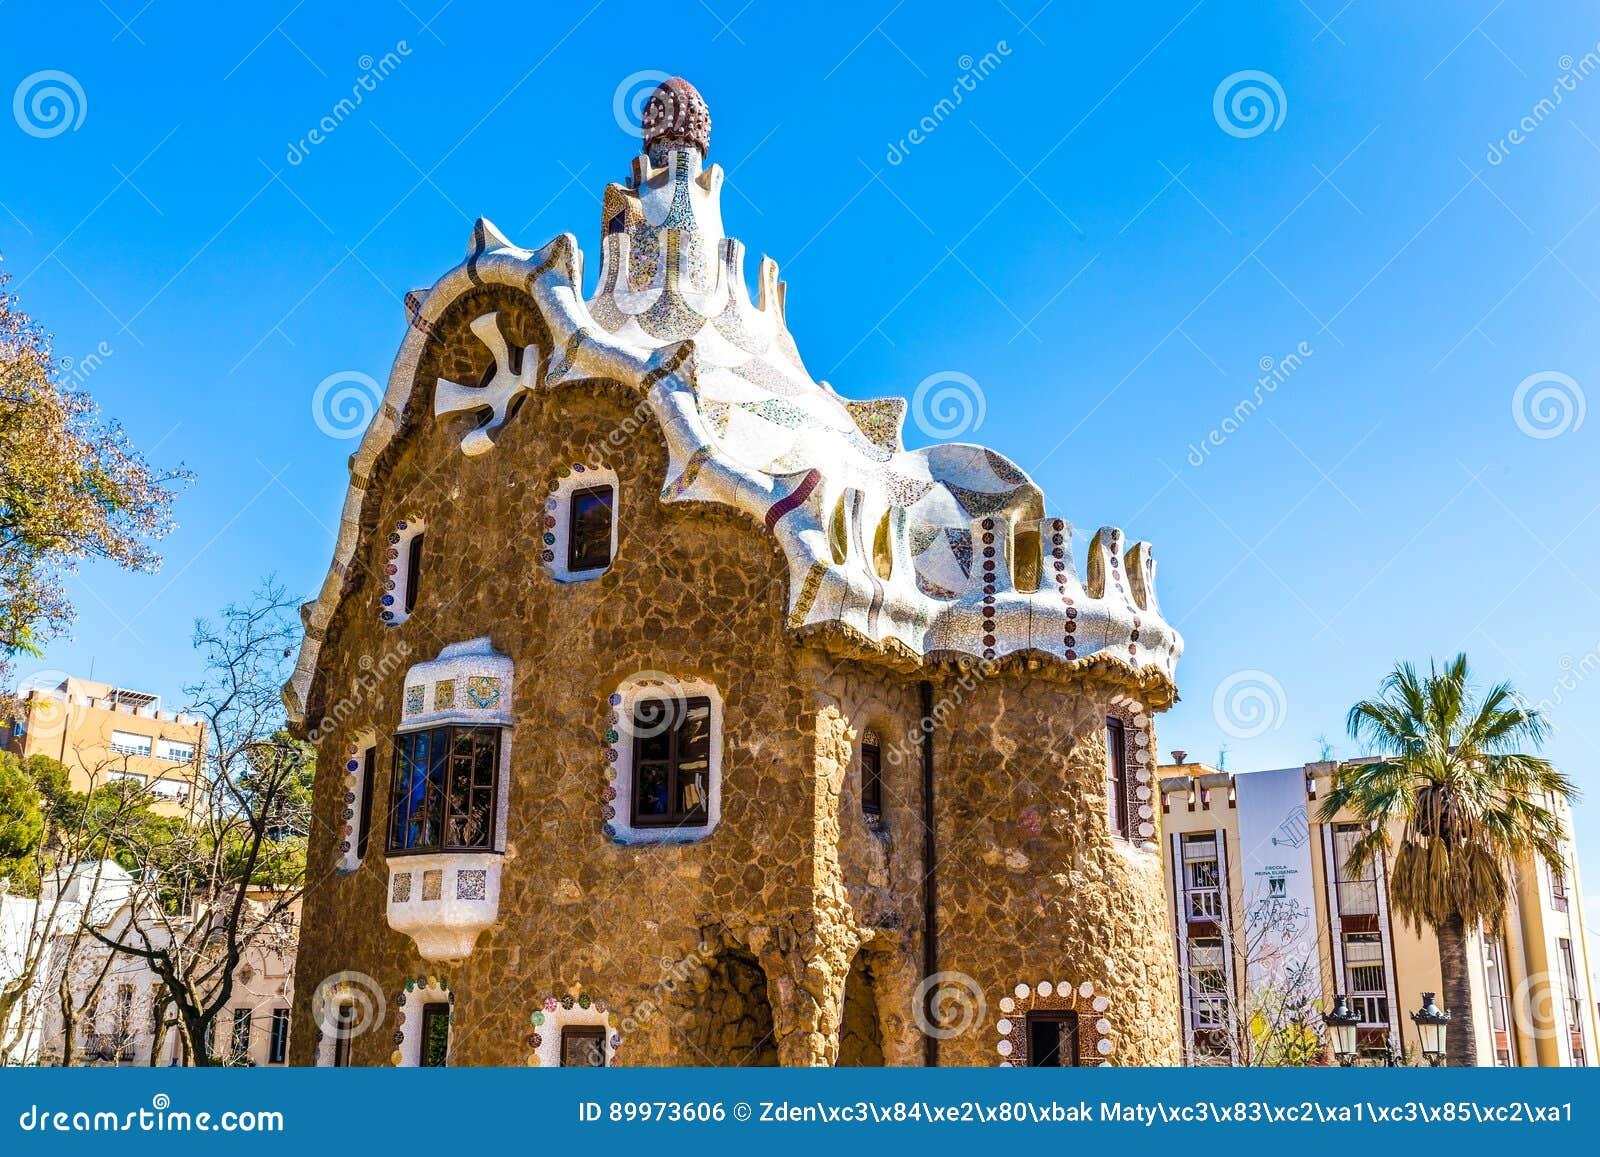 Διαμορφωμένο μανιτάρι σπίτι-πάρκο Guell, Βαρκελώνη, Ισπανία